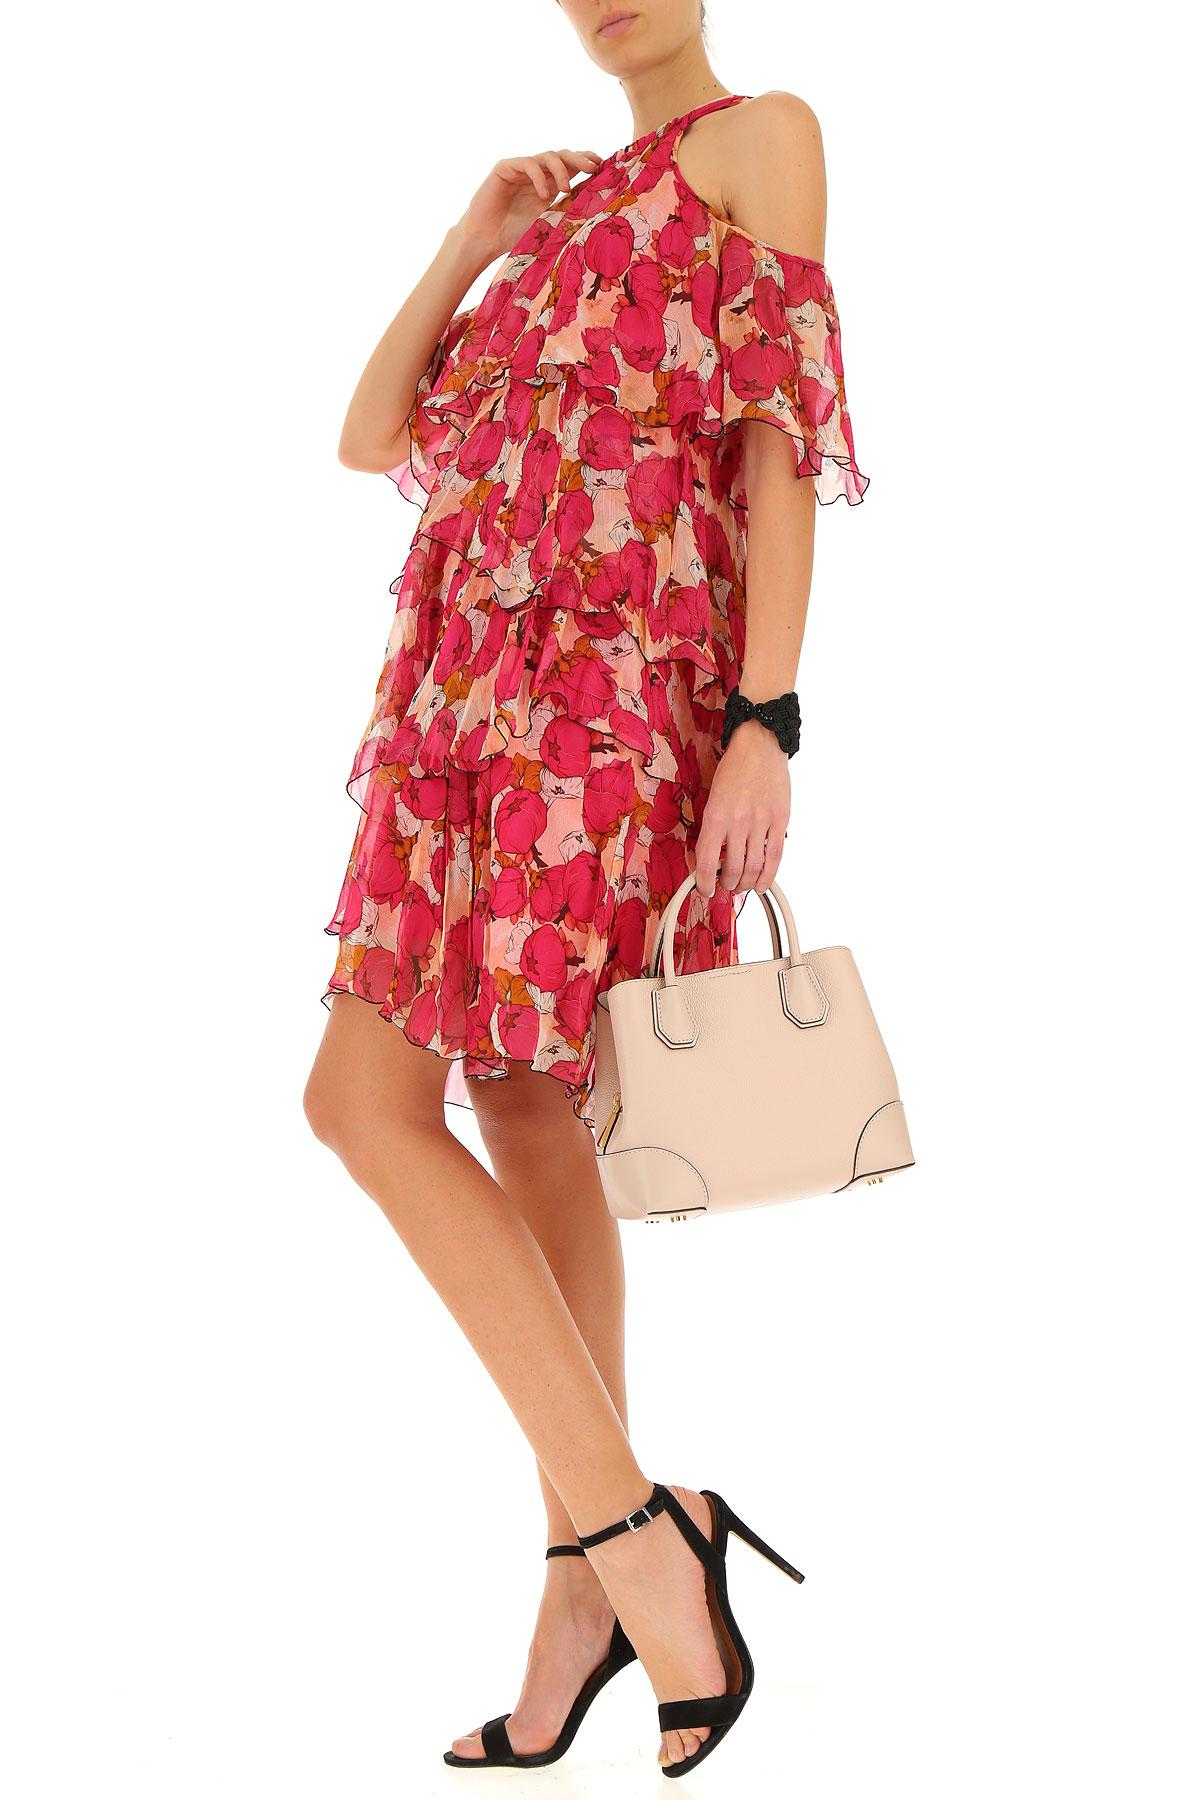 nbsp; Primavera Ciclamen 2019 verano Para Pinko Mujer Rosa Ropa w1t8q8